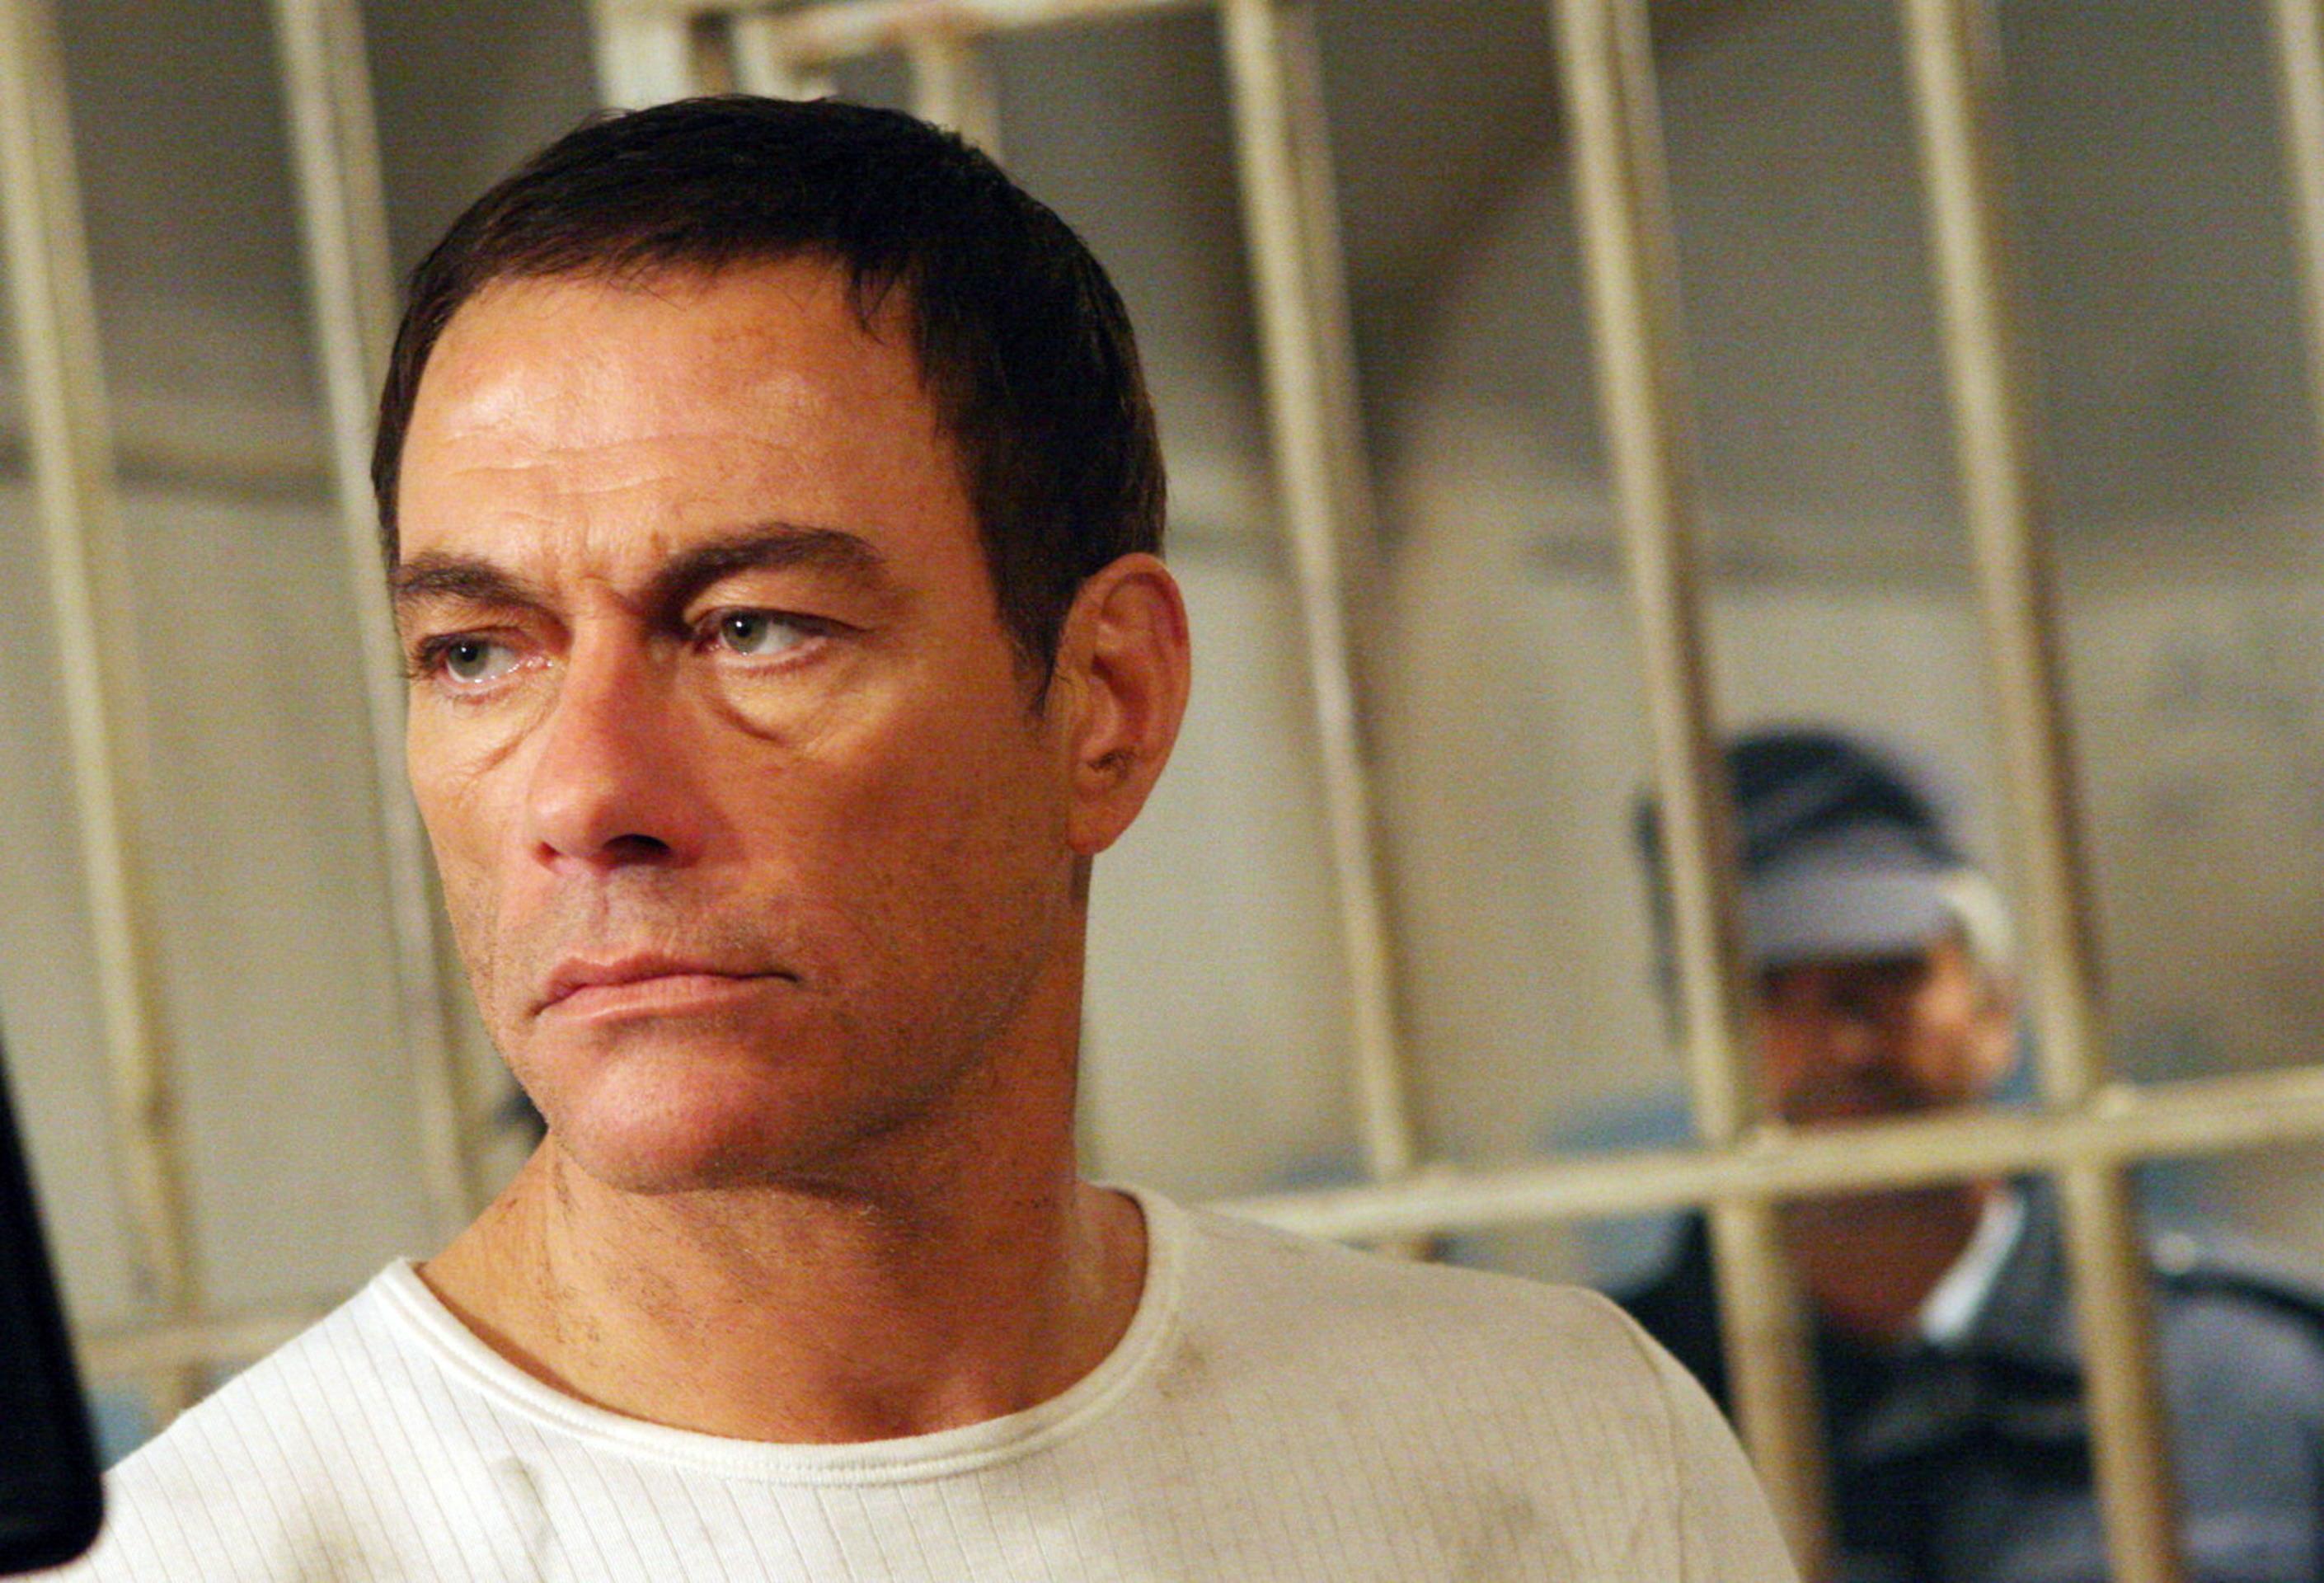 Jean Claude Van Damme Computer Backgrounds